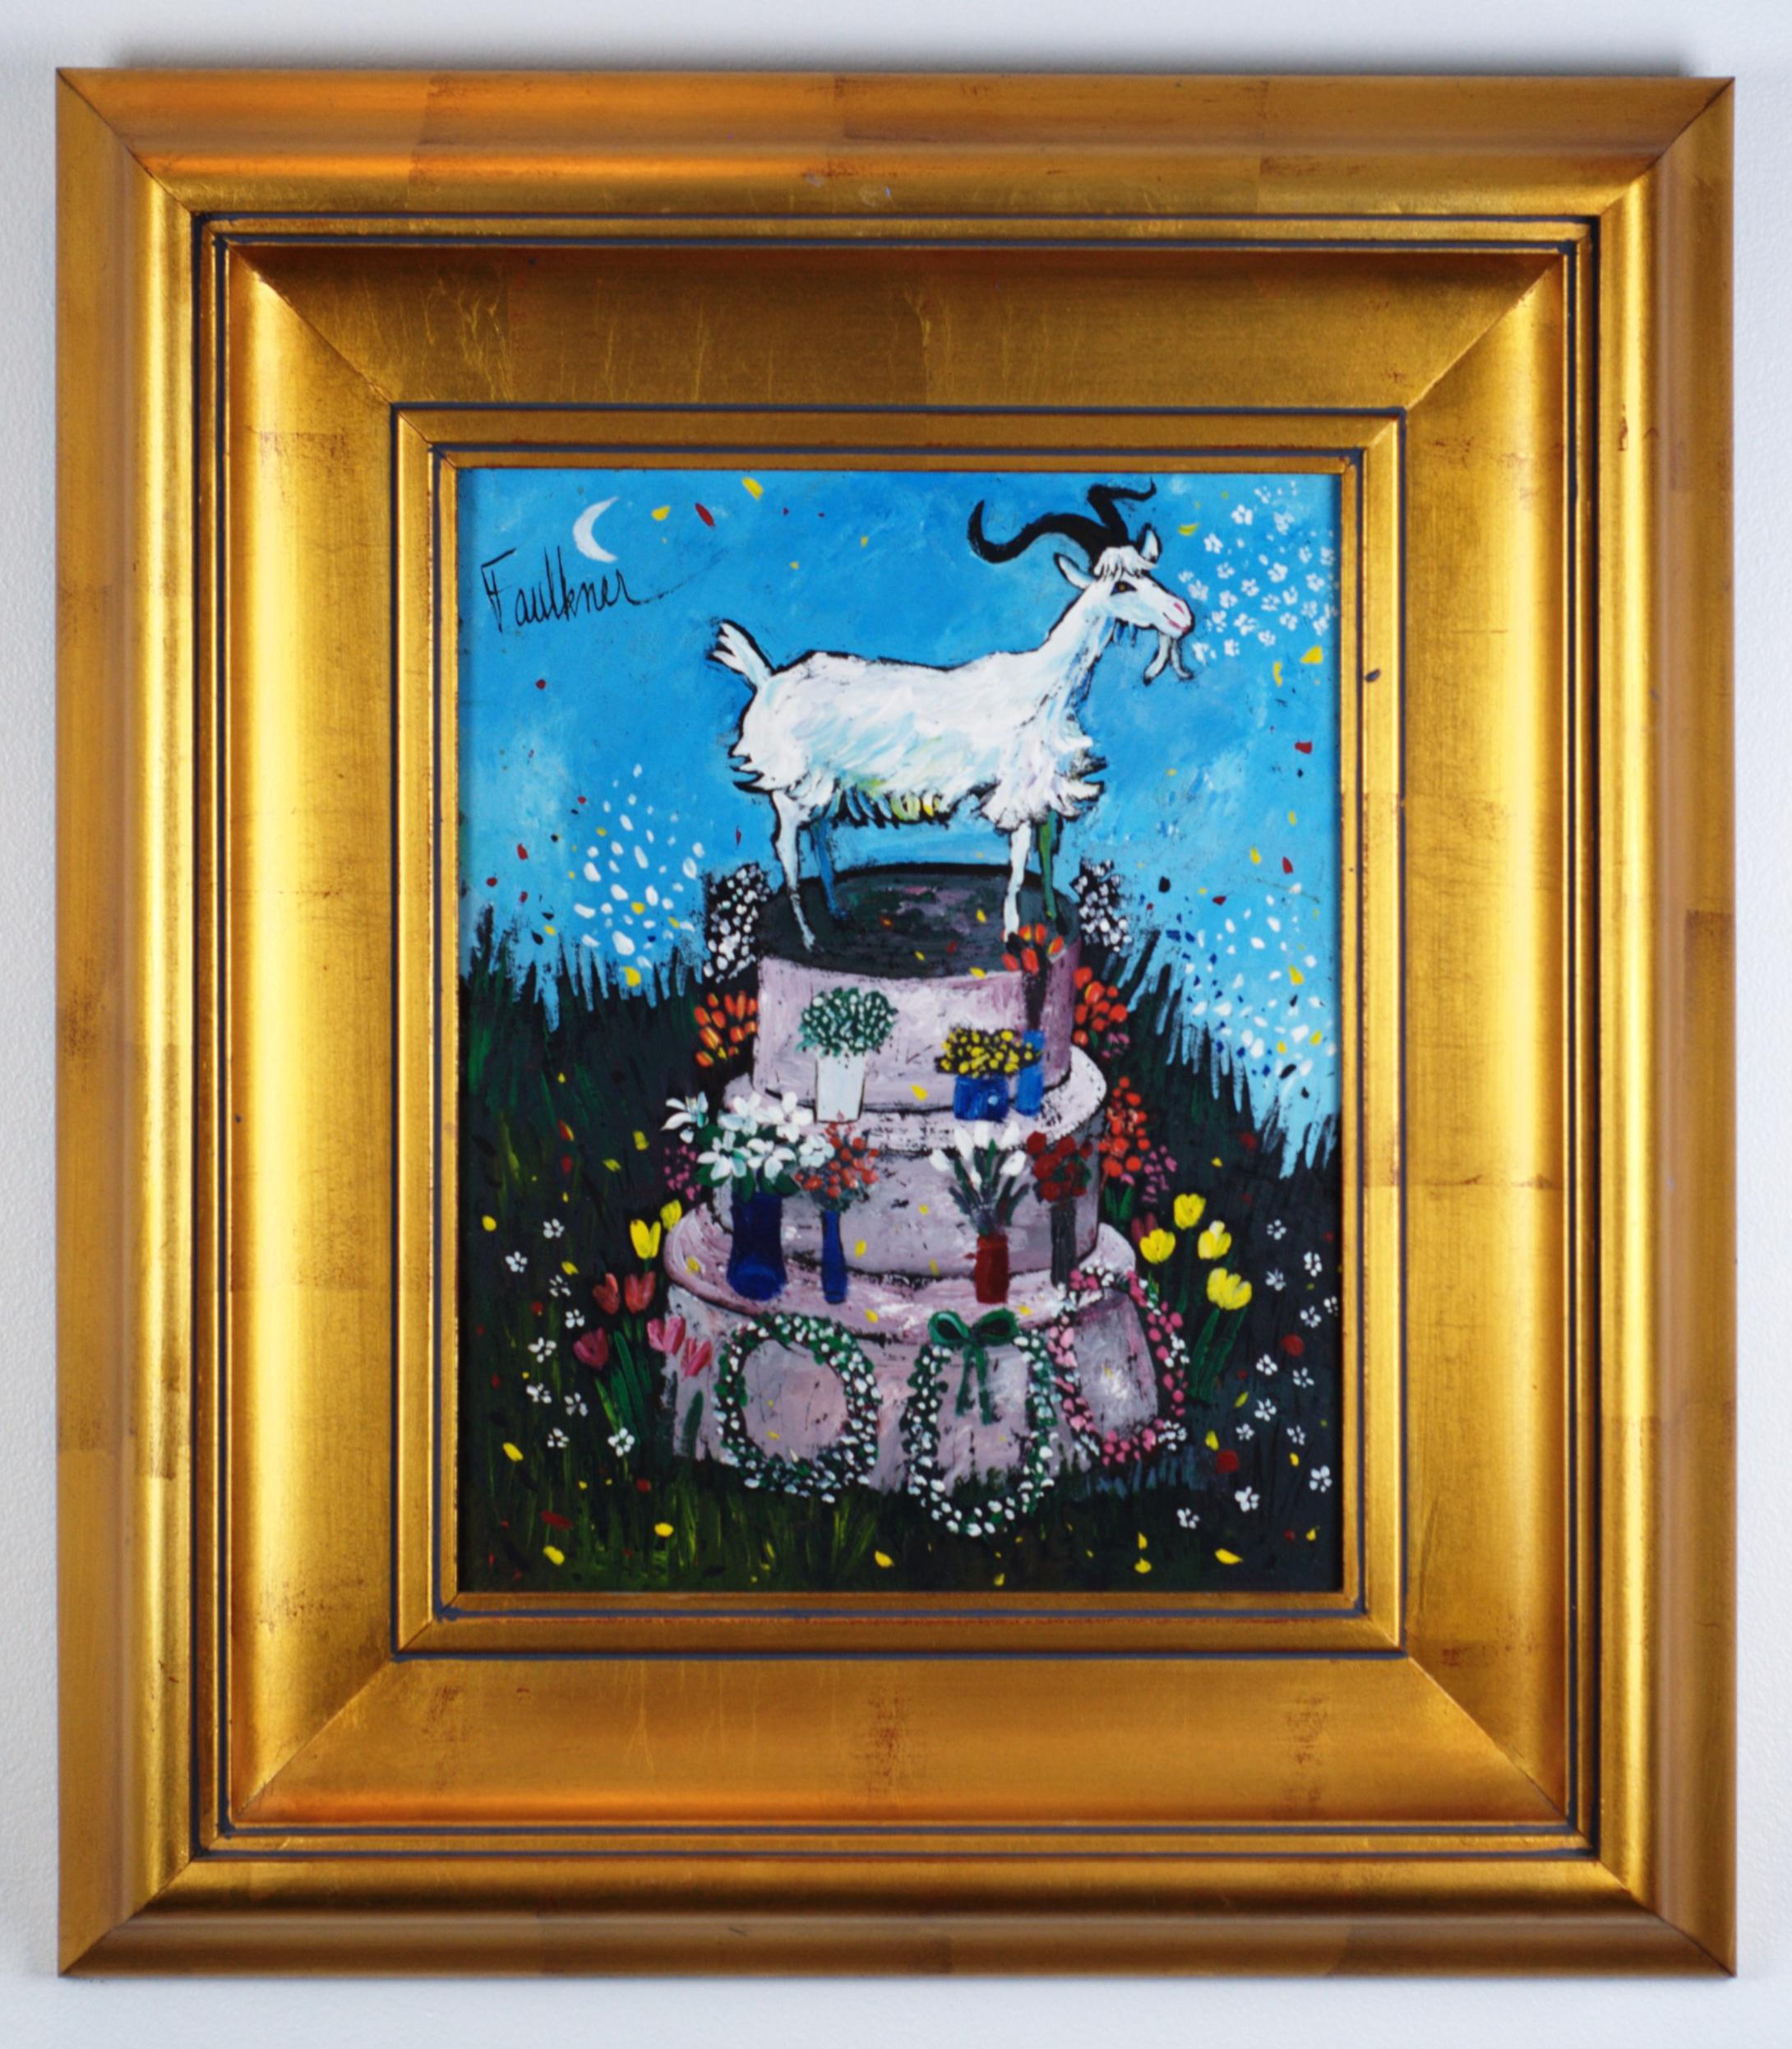 Alice's Birthday Cake - Henry Lawrence FaulknerAmerican (1924-1981)Oil on Board, c. 197020